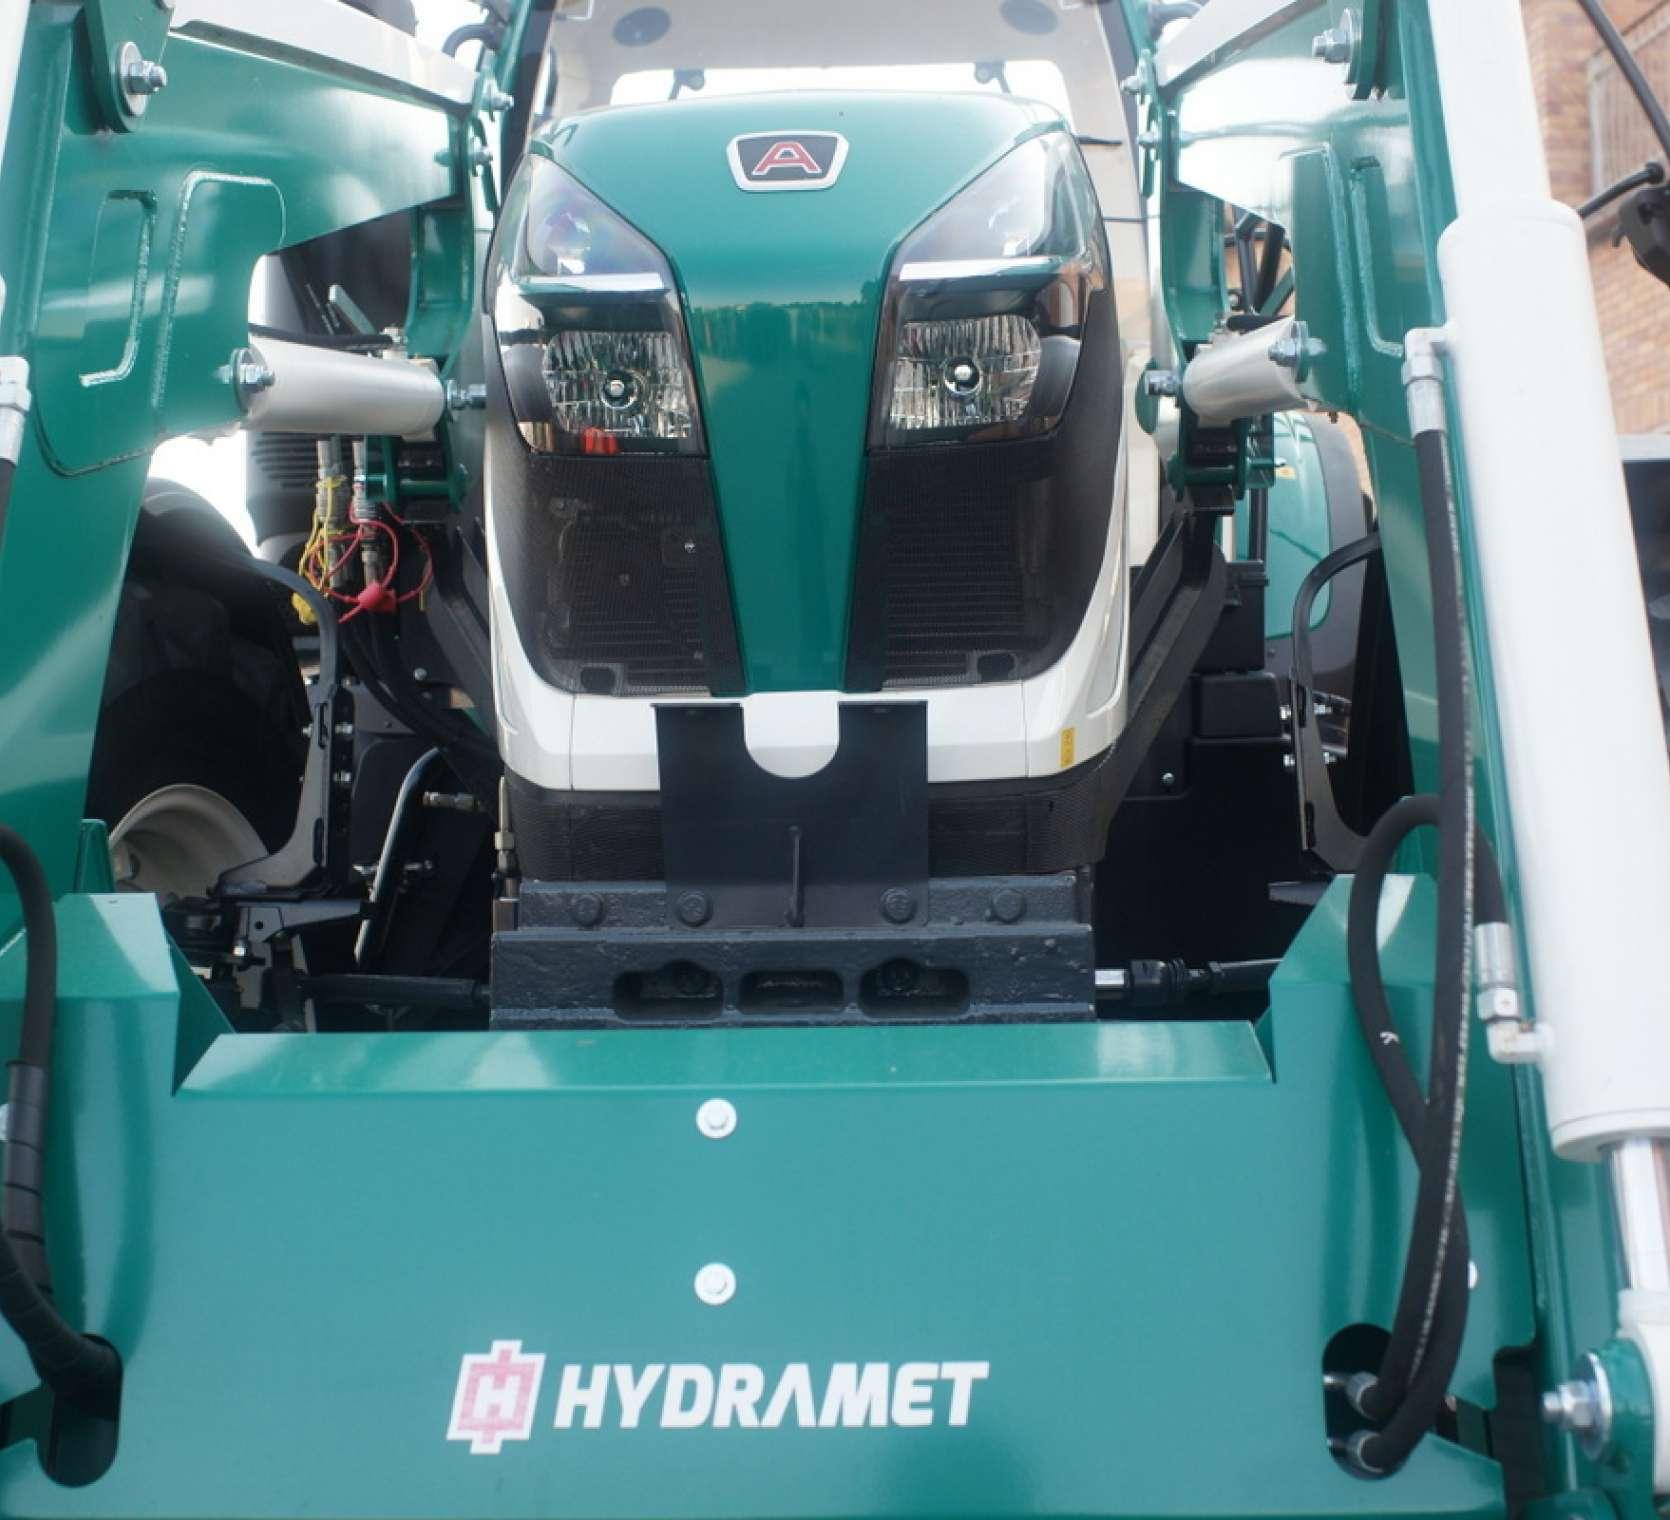 ladowacz czolowy hydramet xtreme zamontowany na Arbos